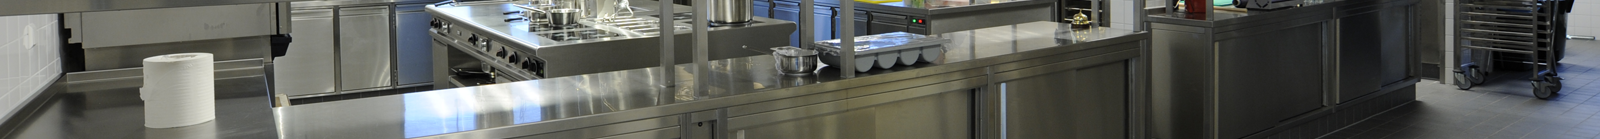 RVS uitgifte keuken